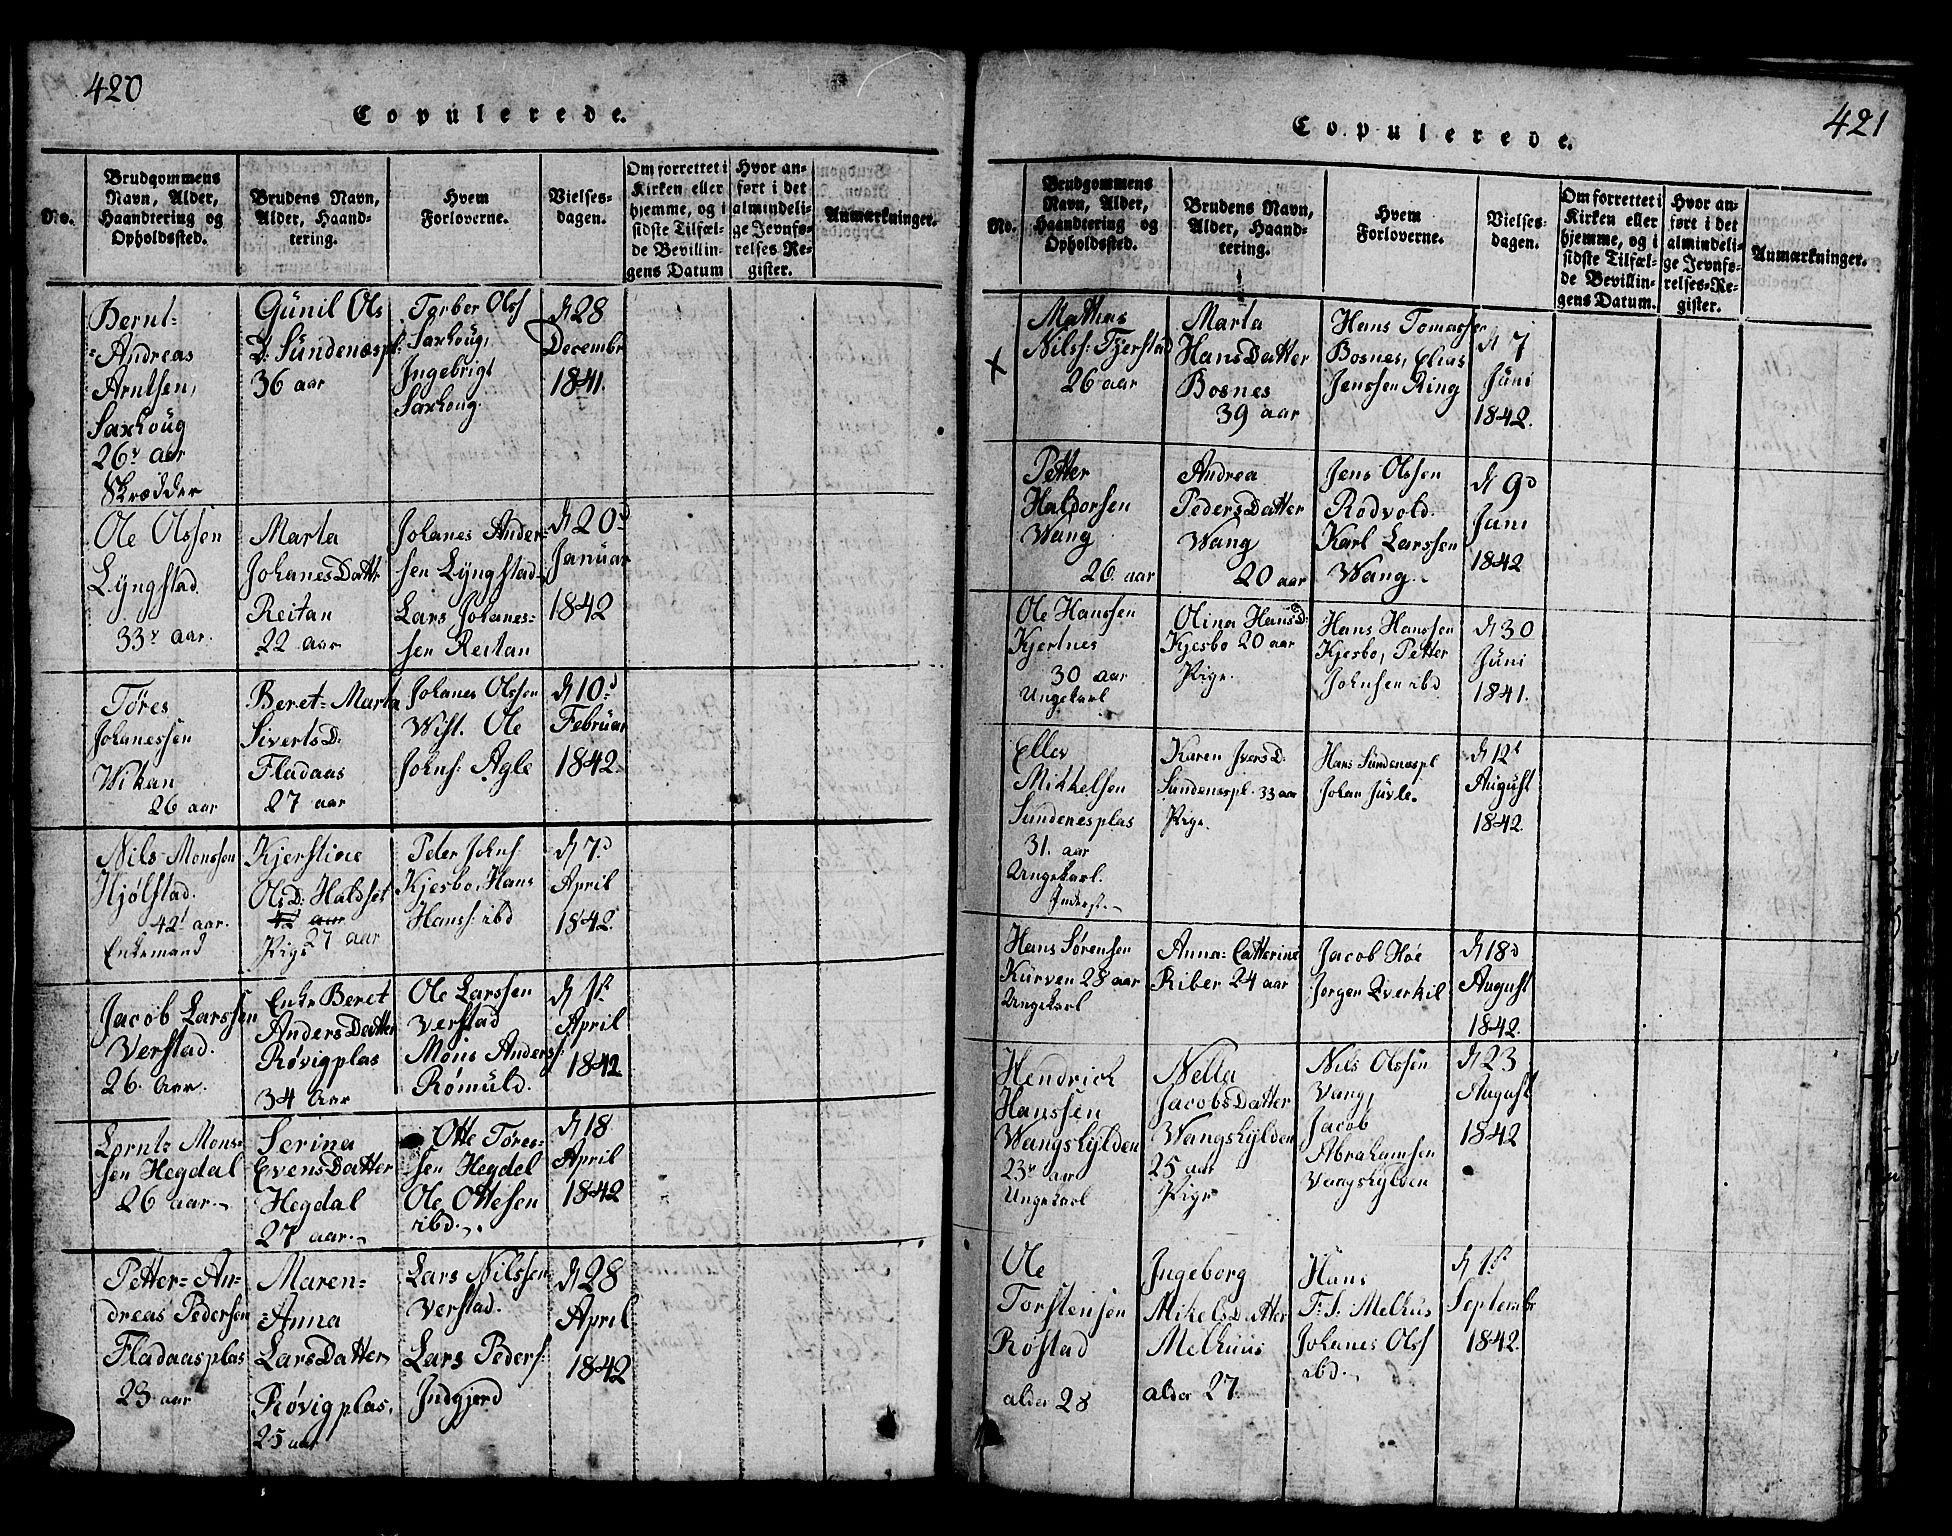 SAT, Ministerialprotokoller, klokkerbøker og fødselsregistre - Nord-Trøndelag, 730/L0298: Klokkerbok nr. 730C01, 1816-1849, s. 420-421